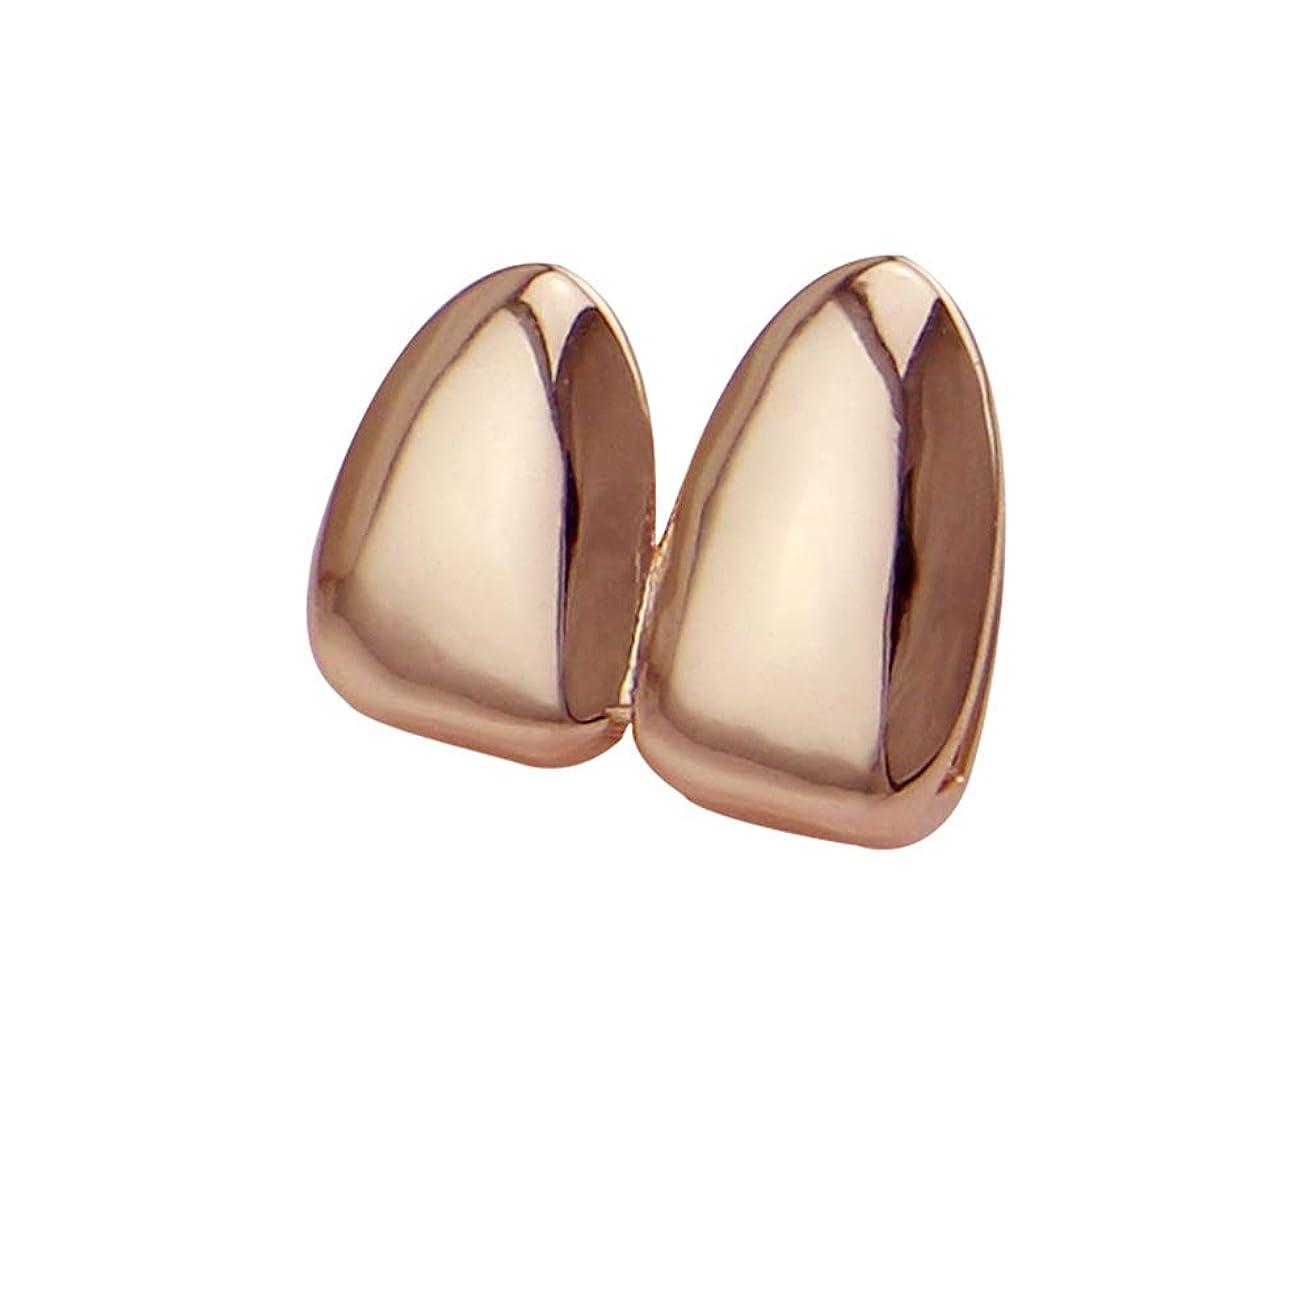 開いた振動する花輪YHDD 光沢のある2つの歯ヒップホップ歯の上と下の歯の吸血鬼の牙のグリルHolleweenギフトのための に適合 (色 : ローズゴールド)